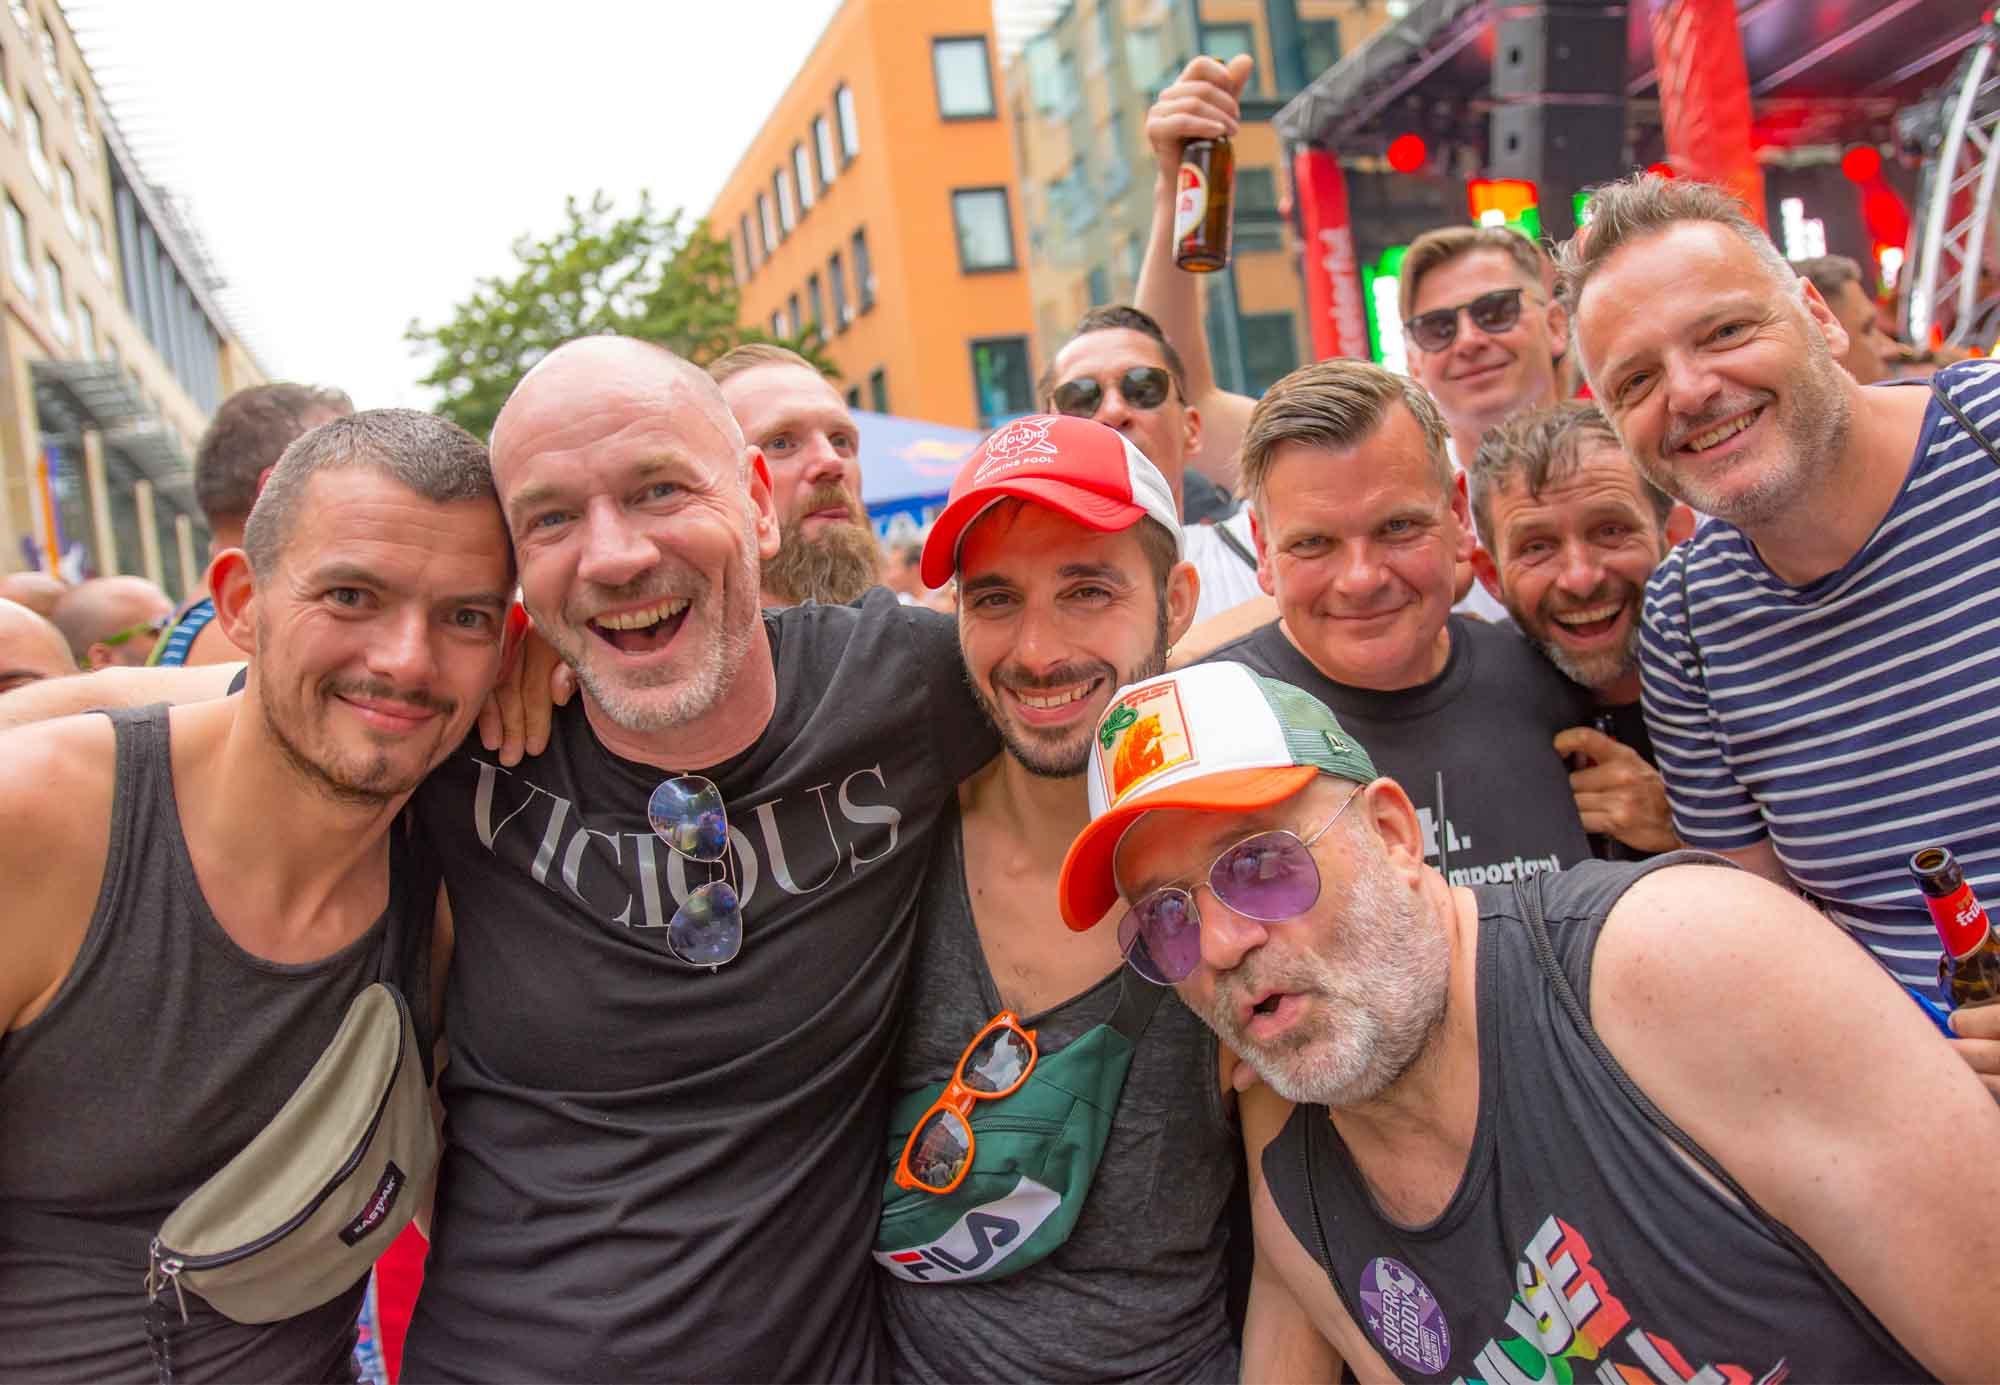 ColognePride Tanzbühne & Straßenfest